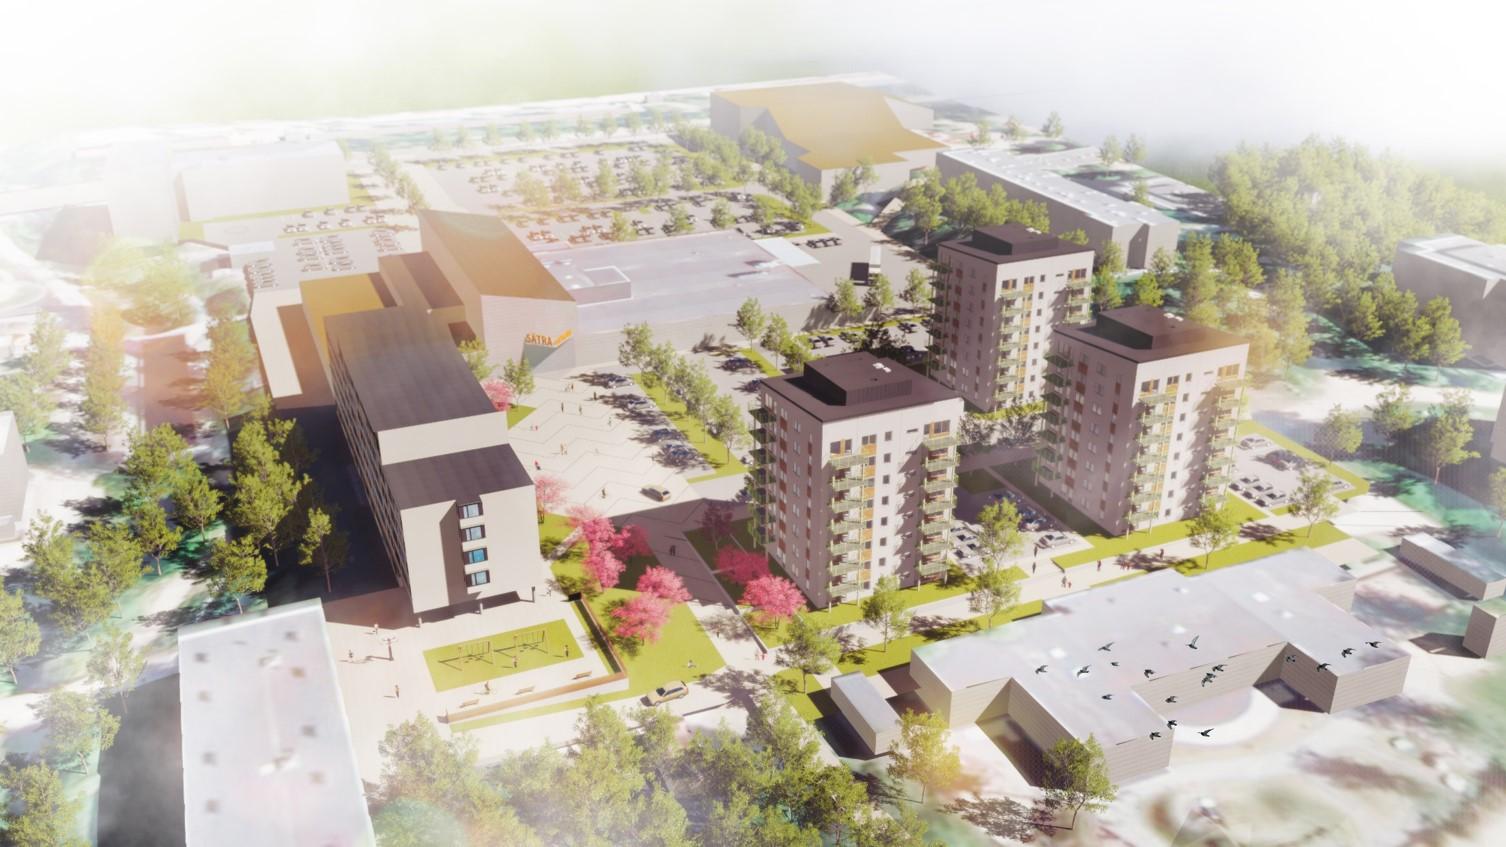 Översiktsbild över det kommande byggprojektet i Sätra centrum